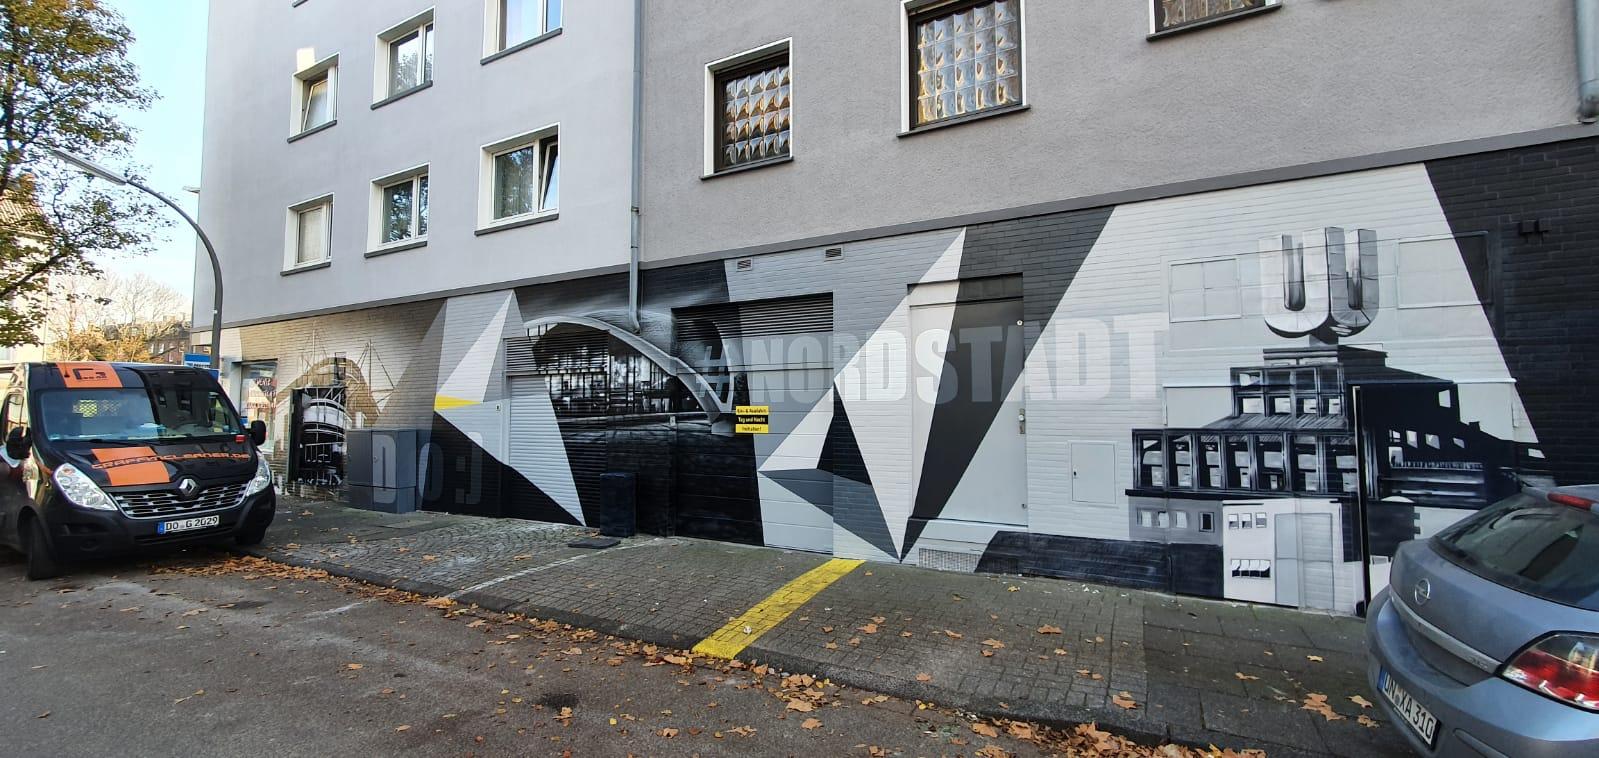 Graffitischutz Dortmund